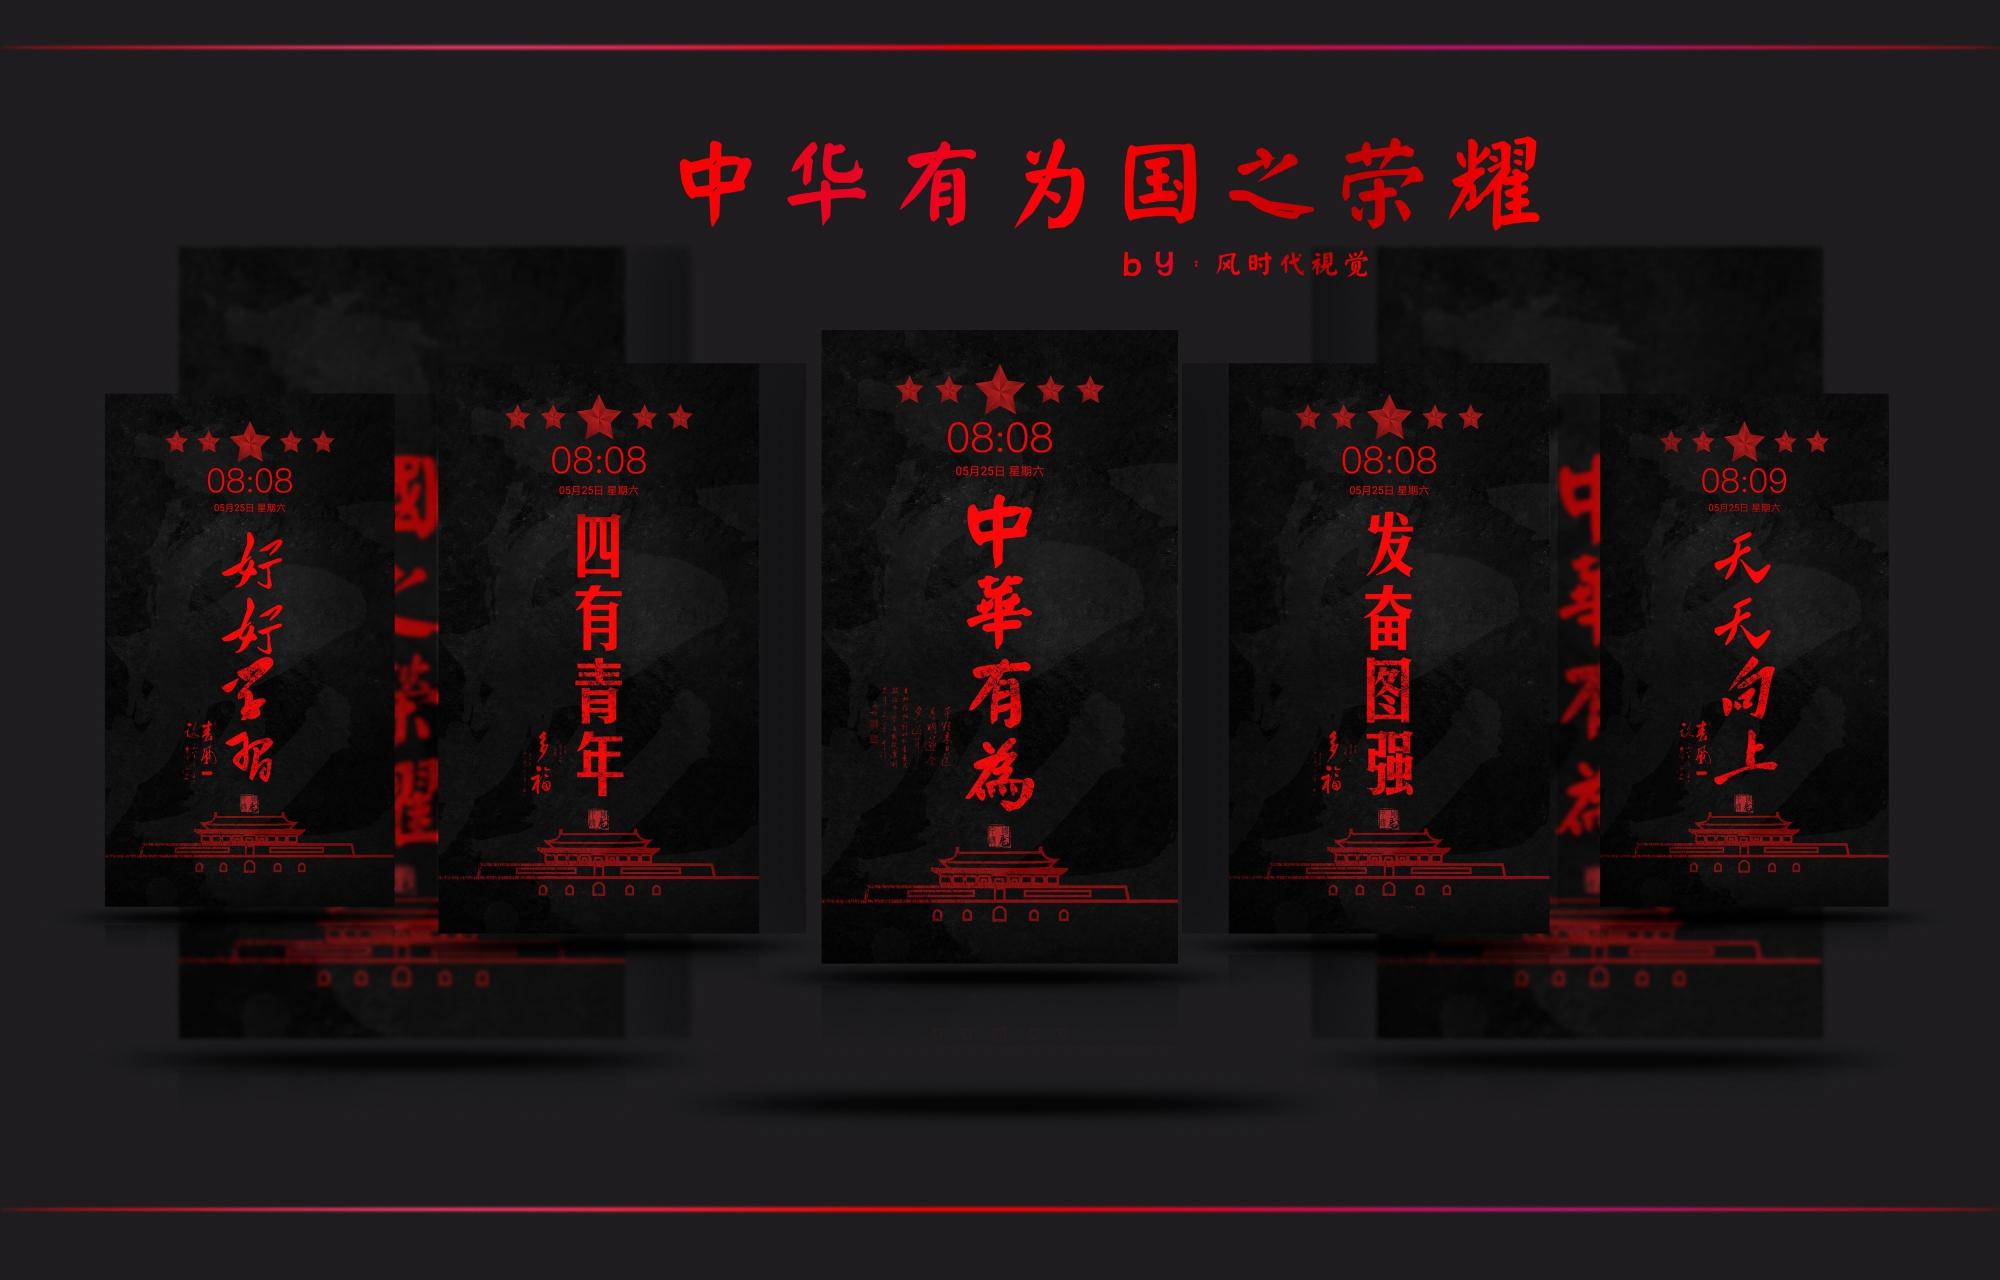 中华有为.jpg